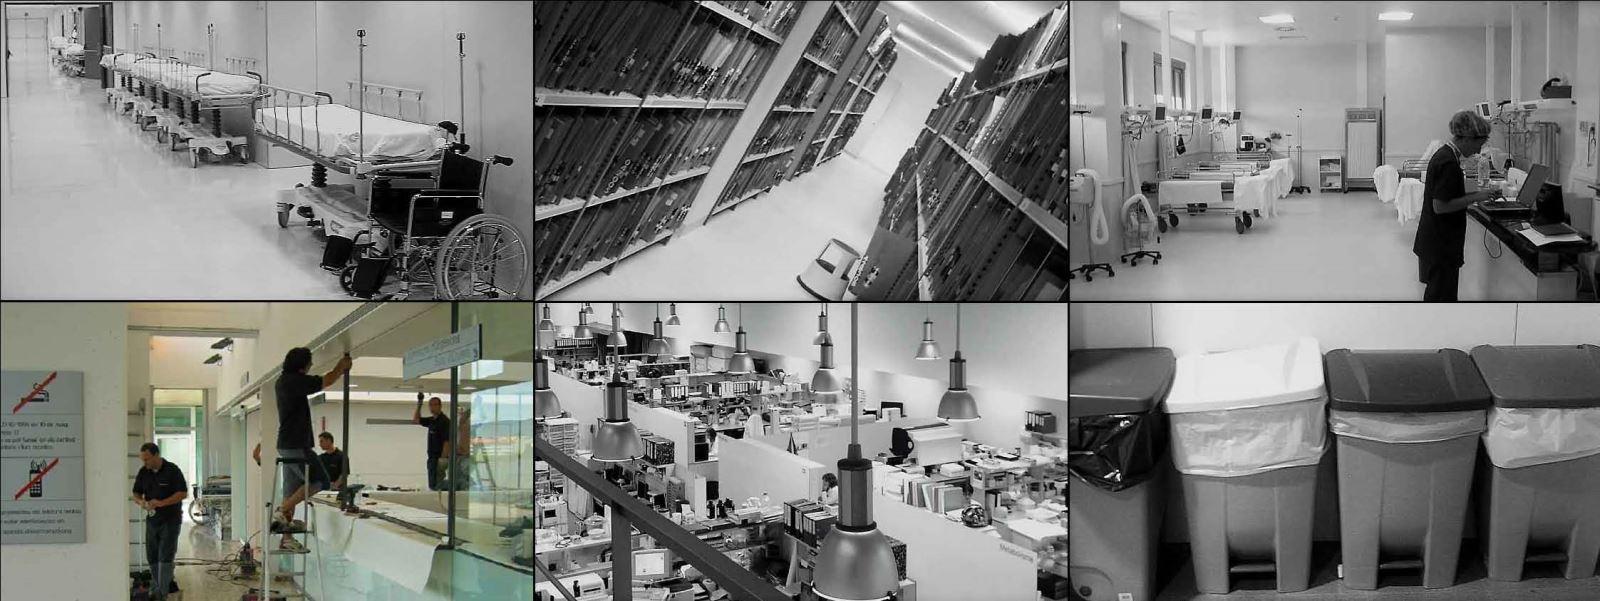 Desenvolupem, dirigim i supervisem tasques de recepció, inventari i posada en marxa de nous equips